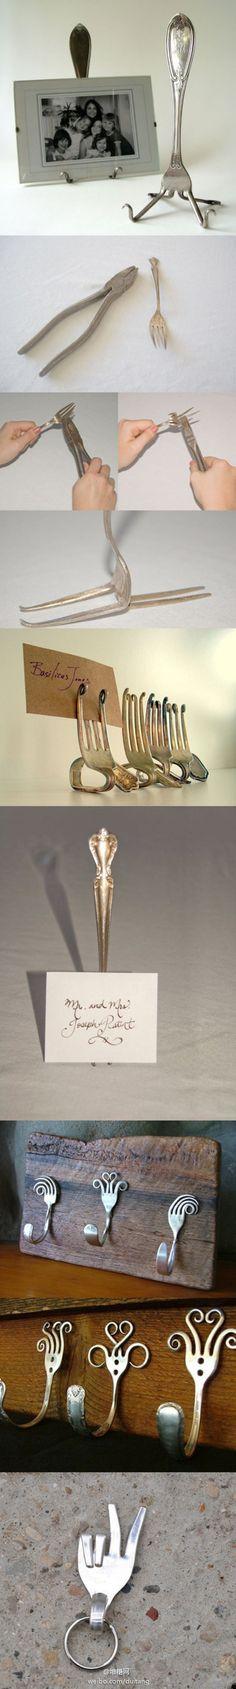 叉子的创意